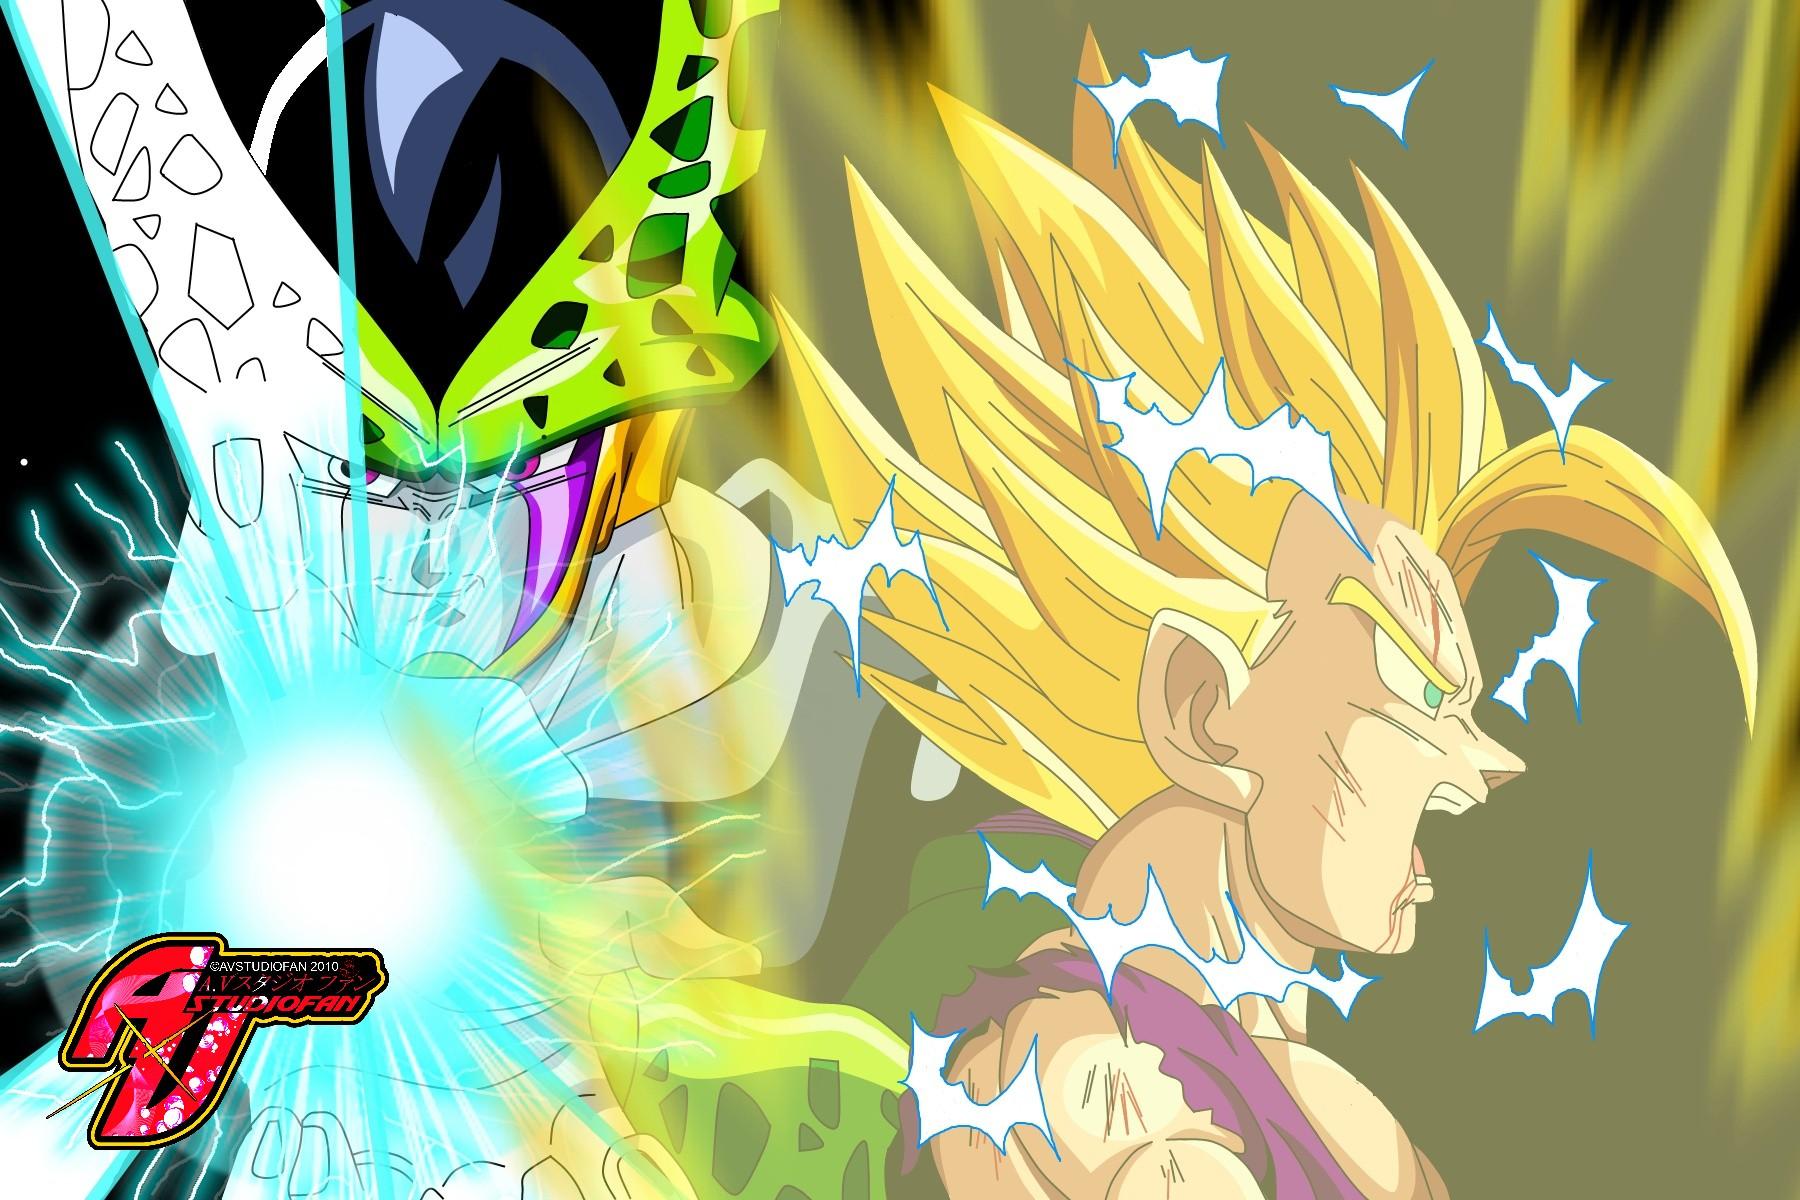 Who was, Goku vs teen gohan